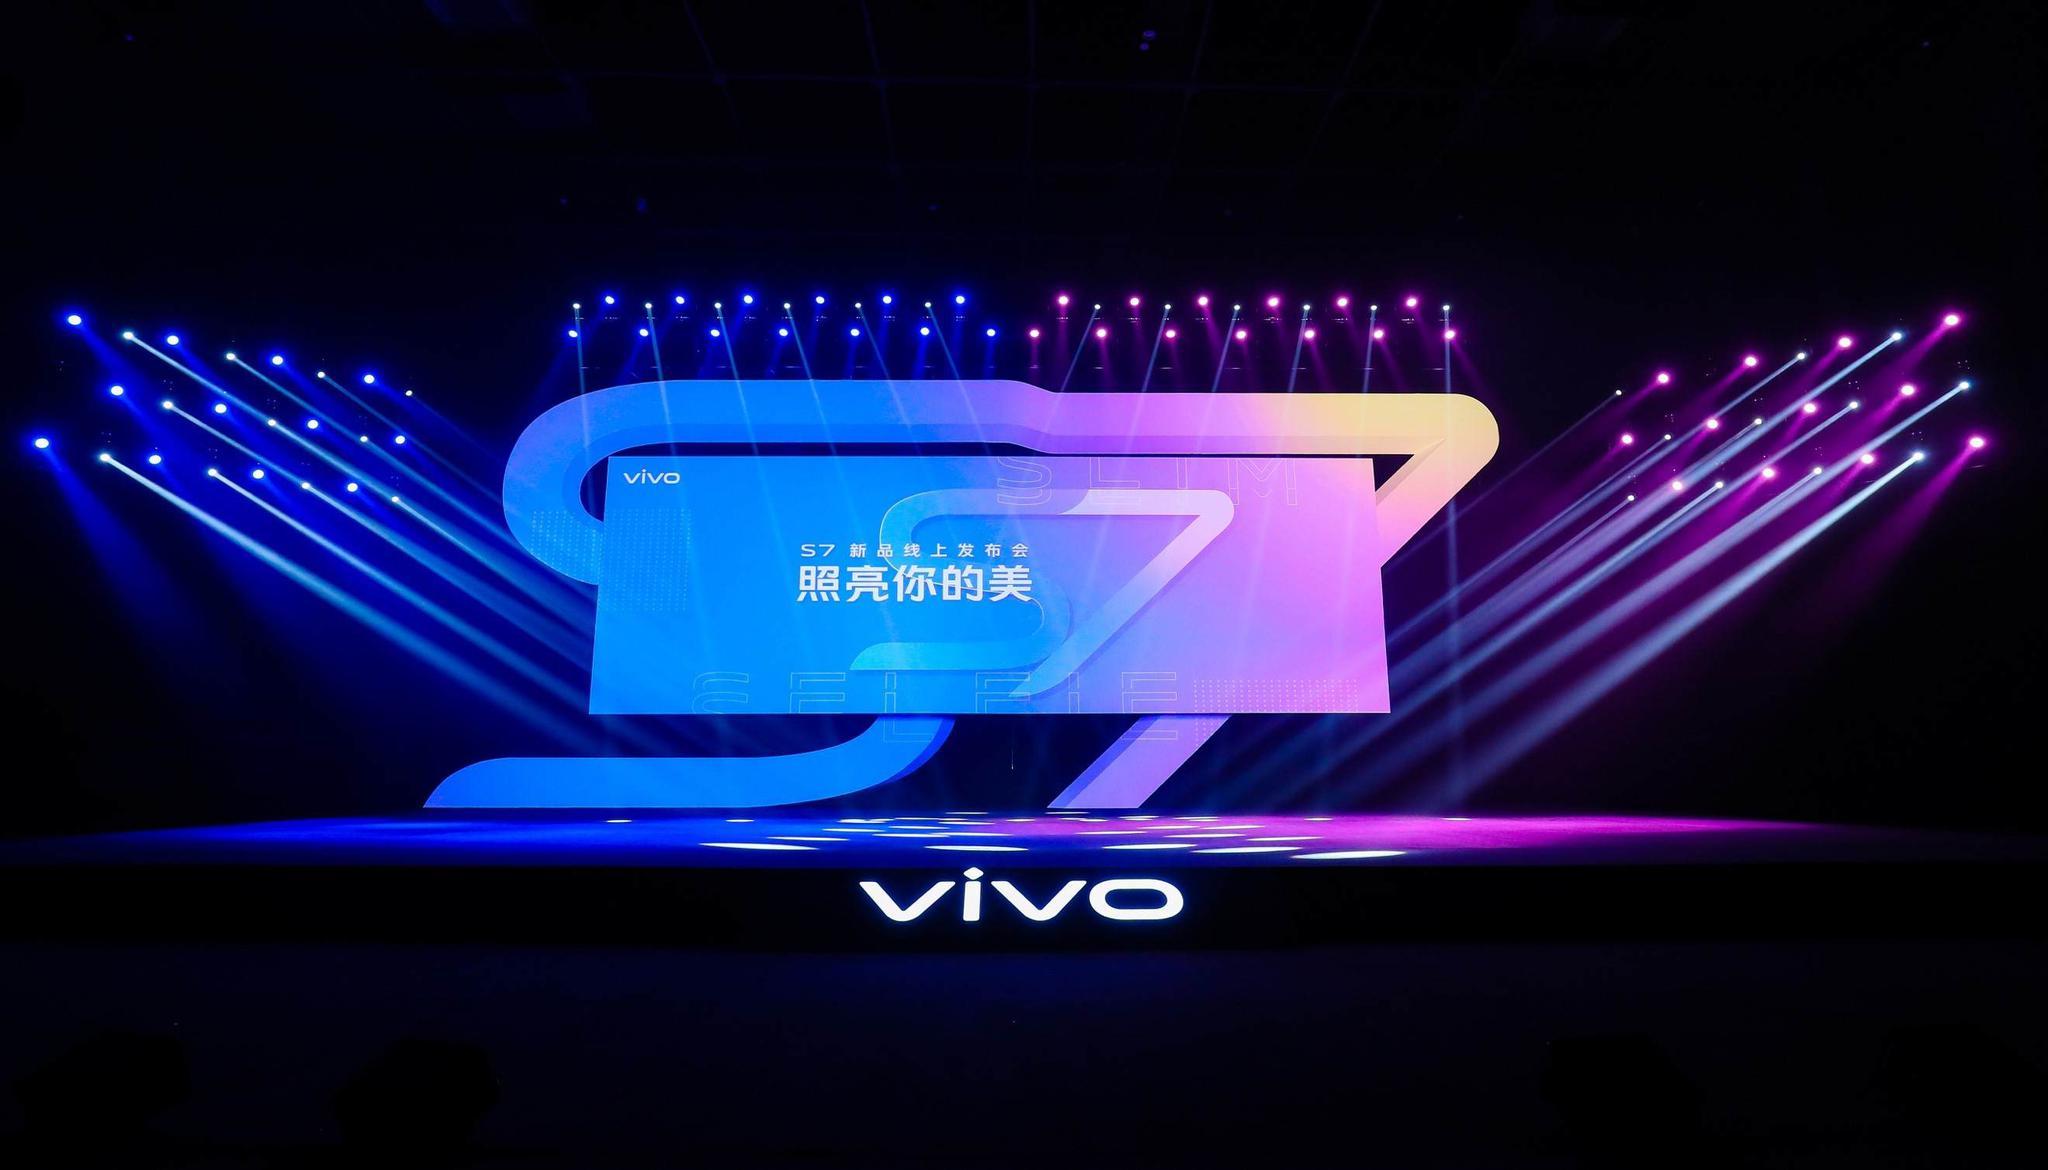 科氪   4400万像素双摄自拍旗舰,vivo S7正式发布